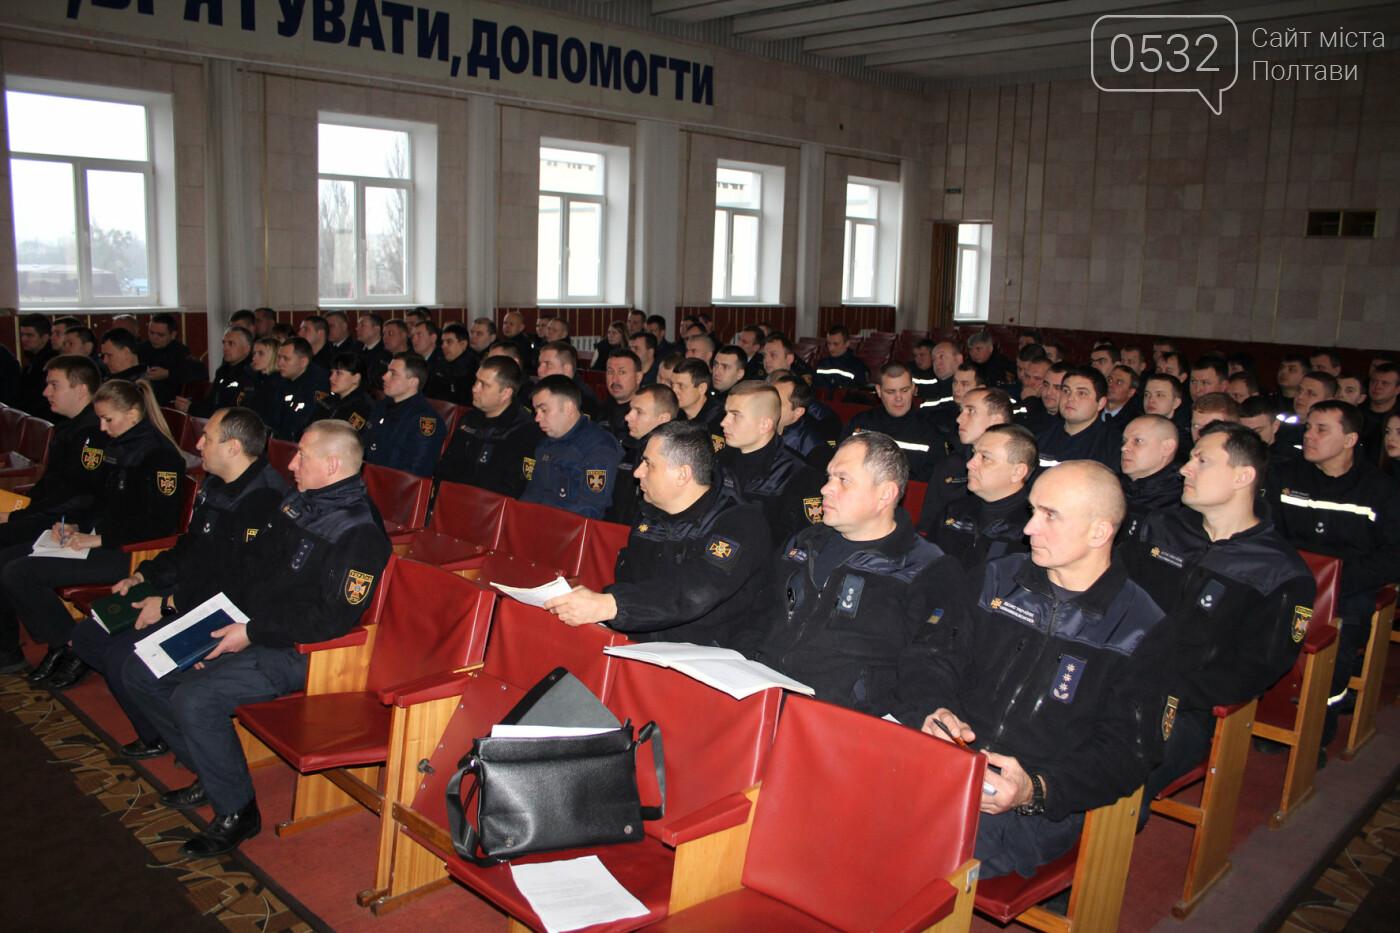 На Полтавщині пройшла нарада щодо позапланових перевірок об'єктів із масовим перебуванням людей, фото-4